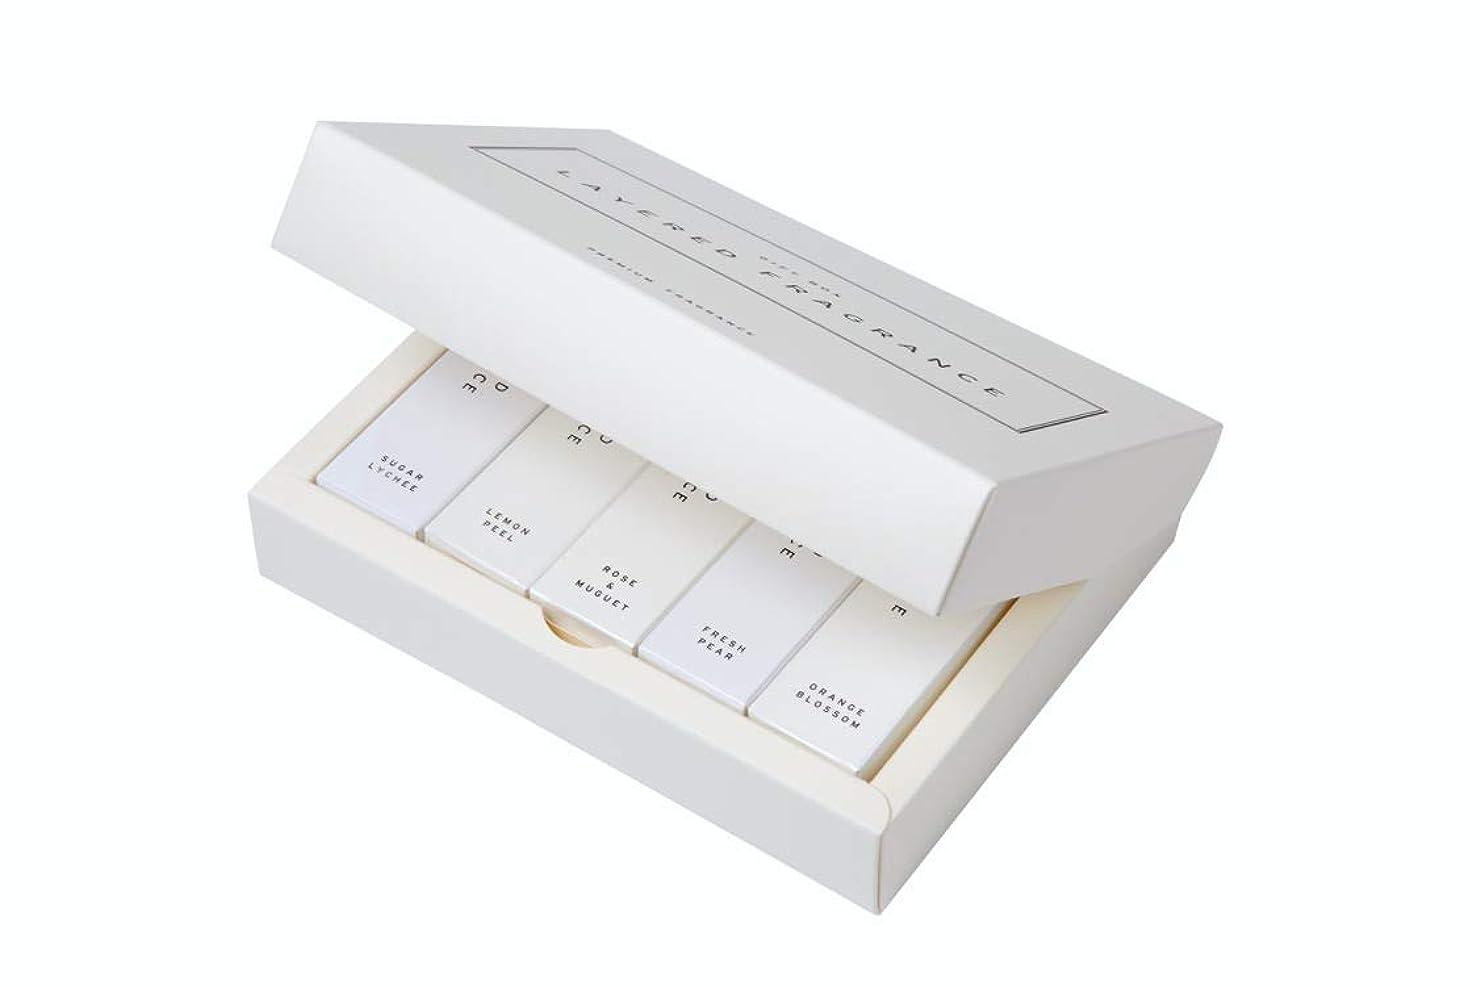 毛細血管天のエトナ山レイヤードフレグランス ボディスプレー ミニサイズ 5本ギフトセット(BOX付) LAYERED FRAGRANCE BODY SPRAY MINI SIZE GIFT SET with GIFT BOX